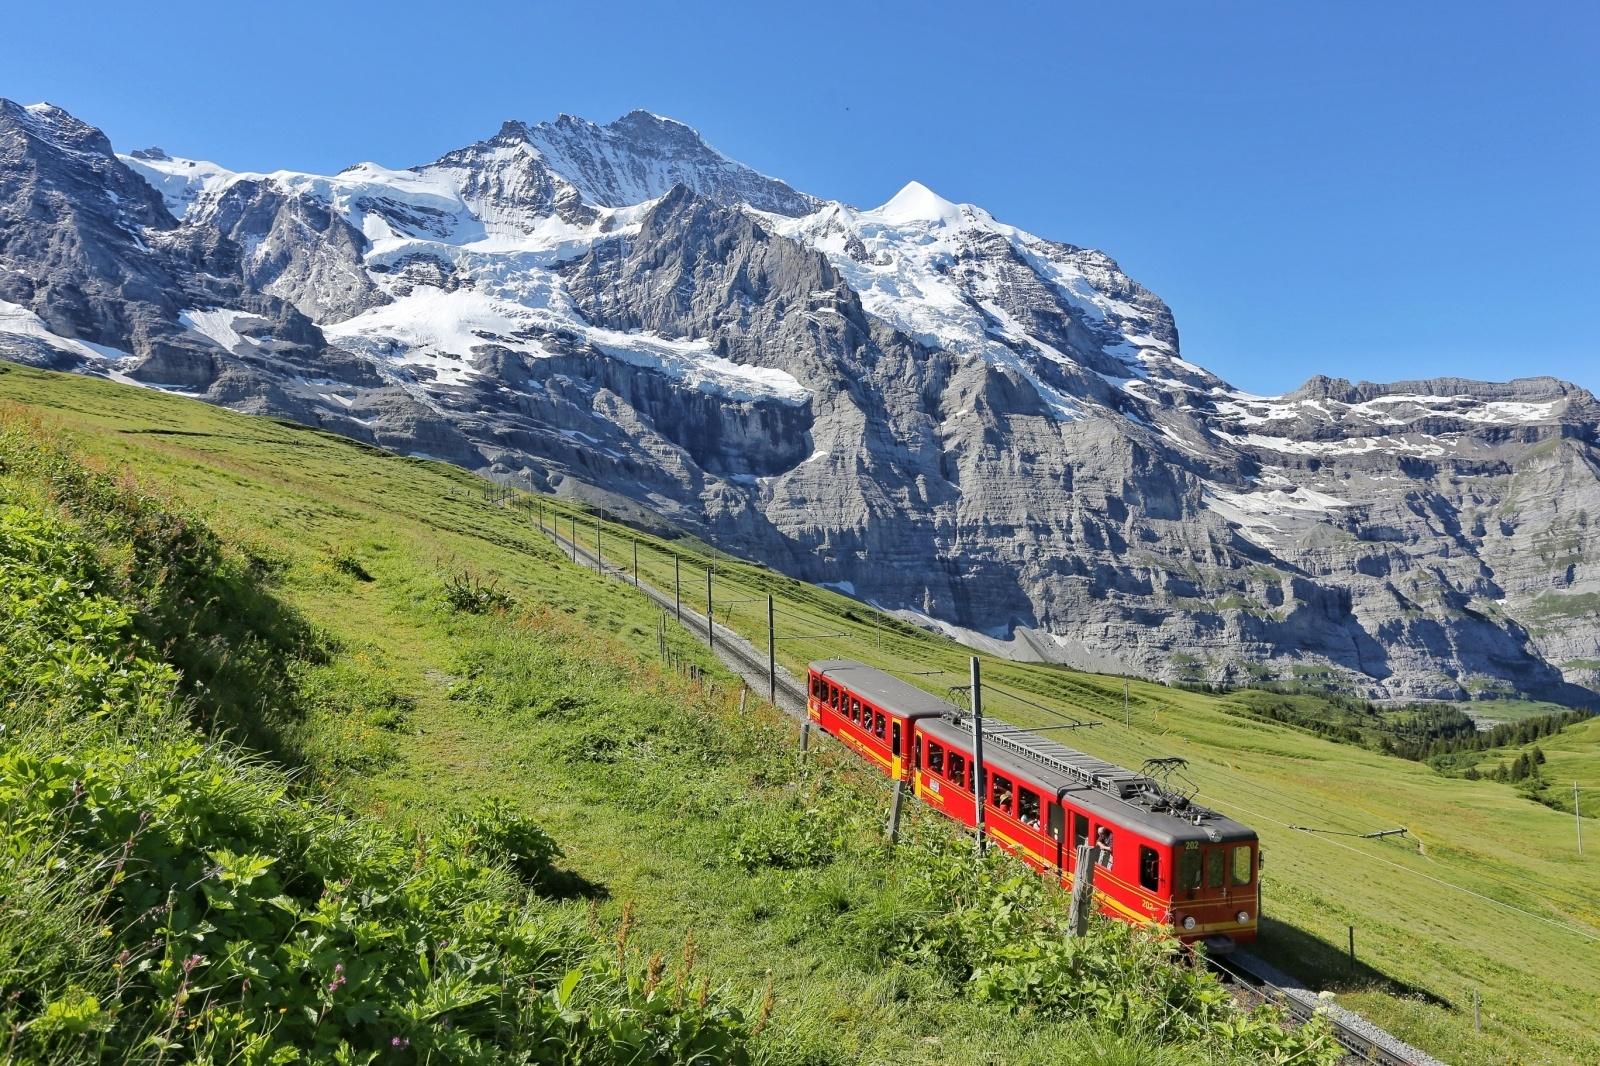 ユングフラウ鉄道 スイスの鉄道風景